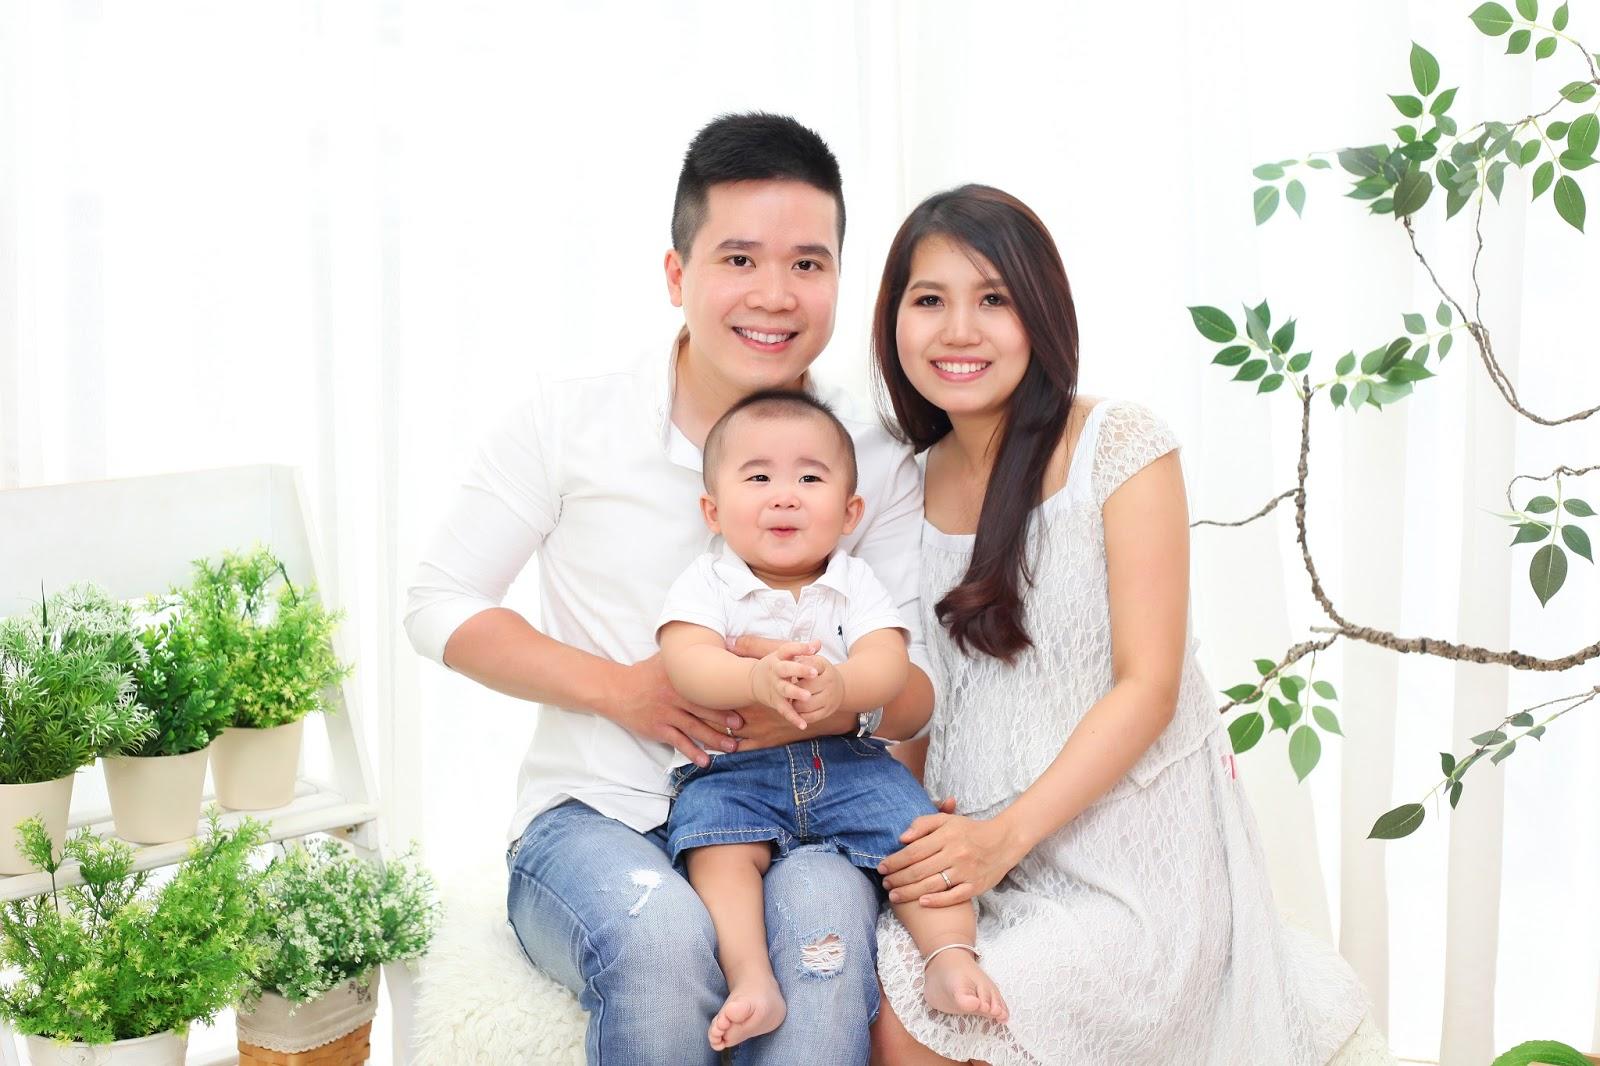 Gia đình là nơi chốn thiêng liêng của mỗi người